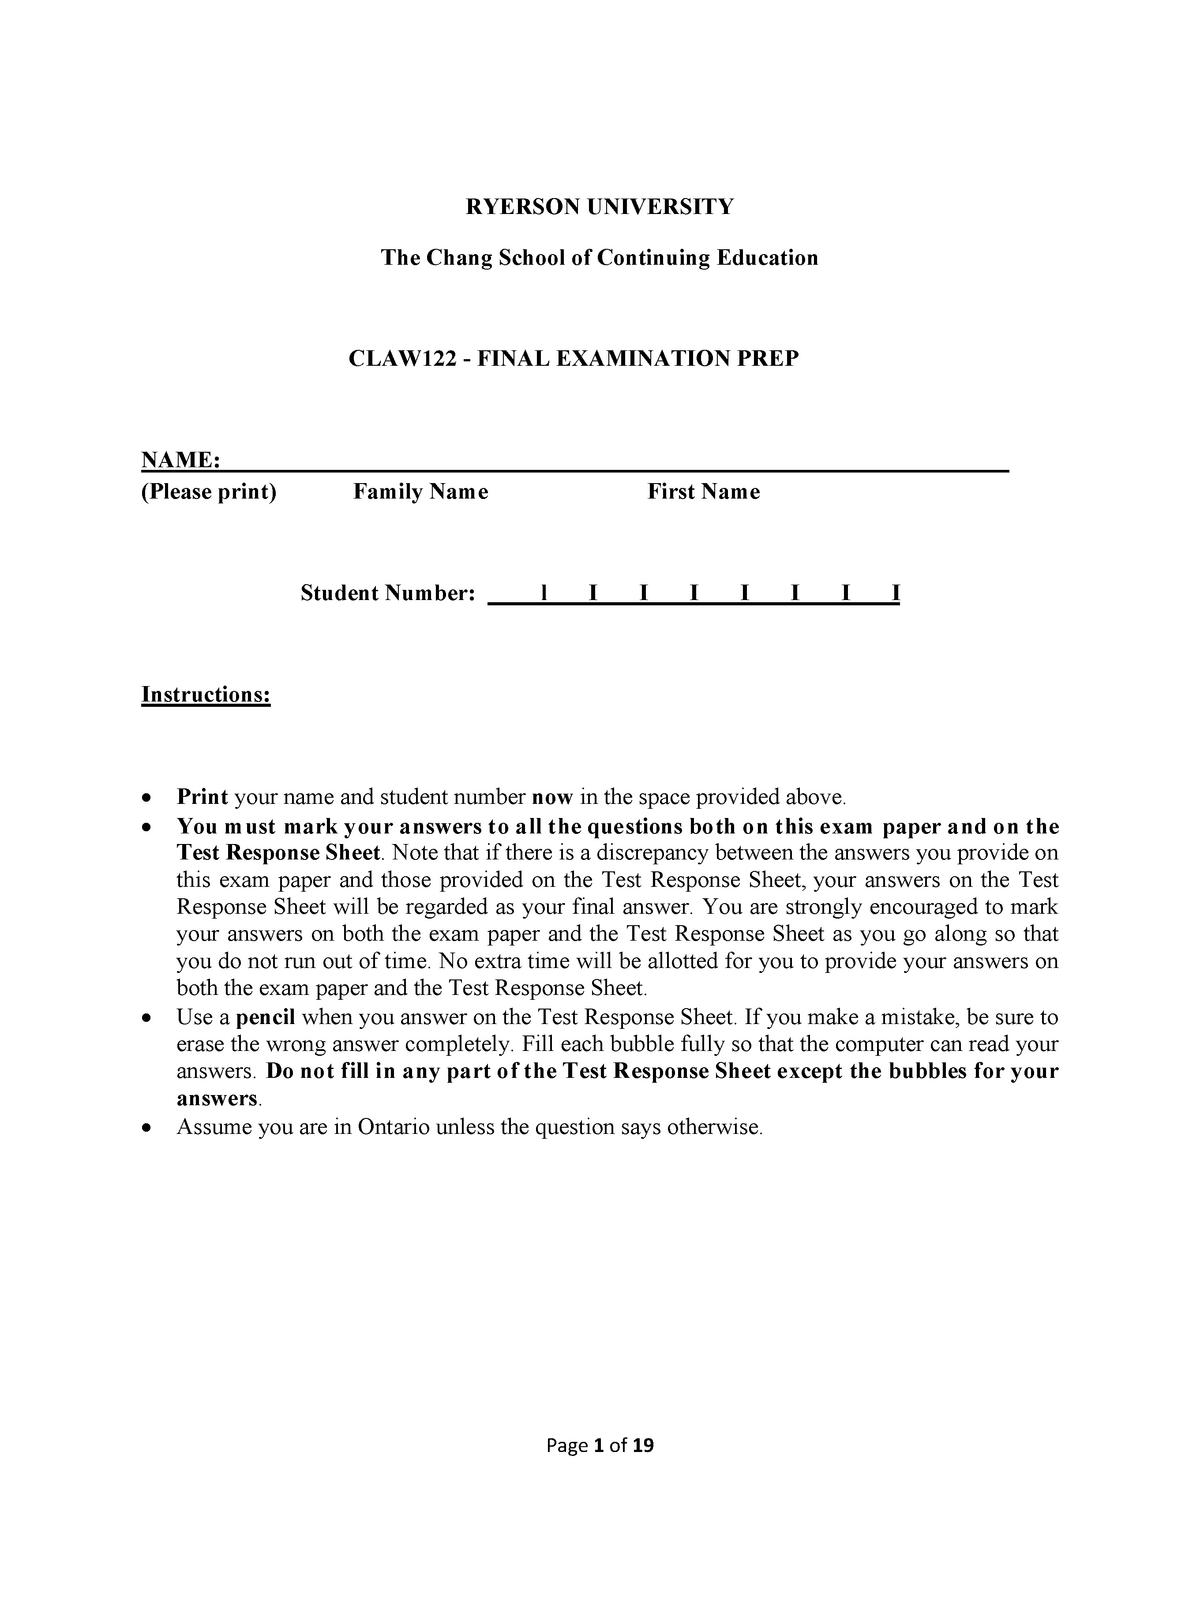 Exam 2018 - LAW 122: Bussiness Law - StuDocu